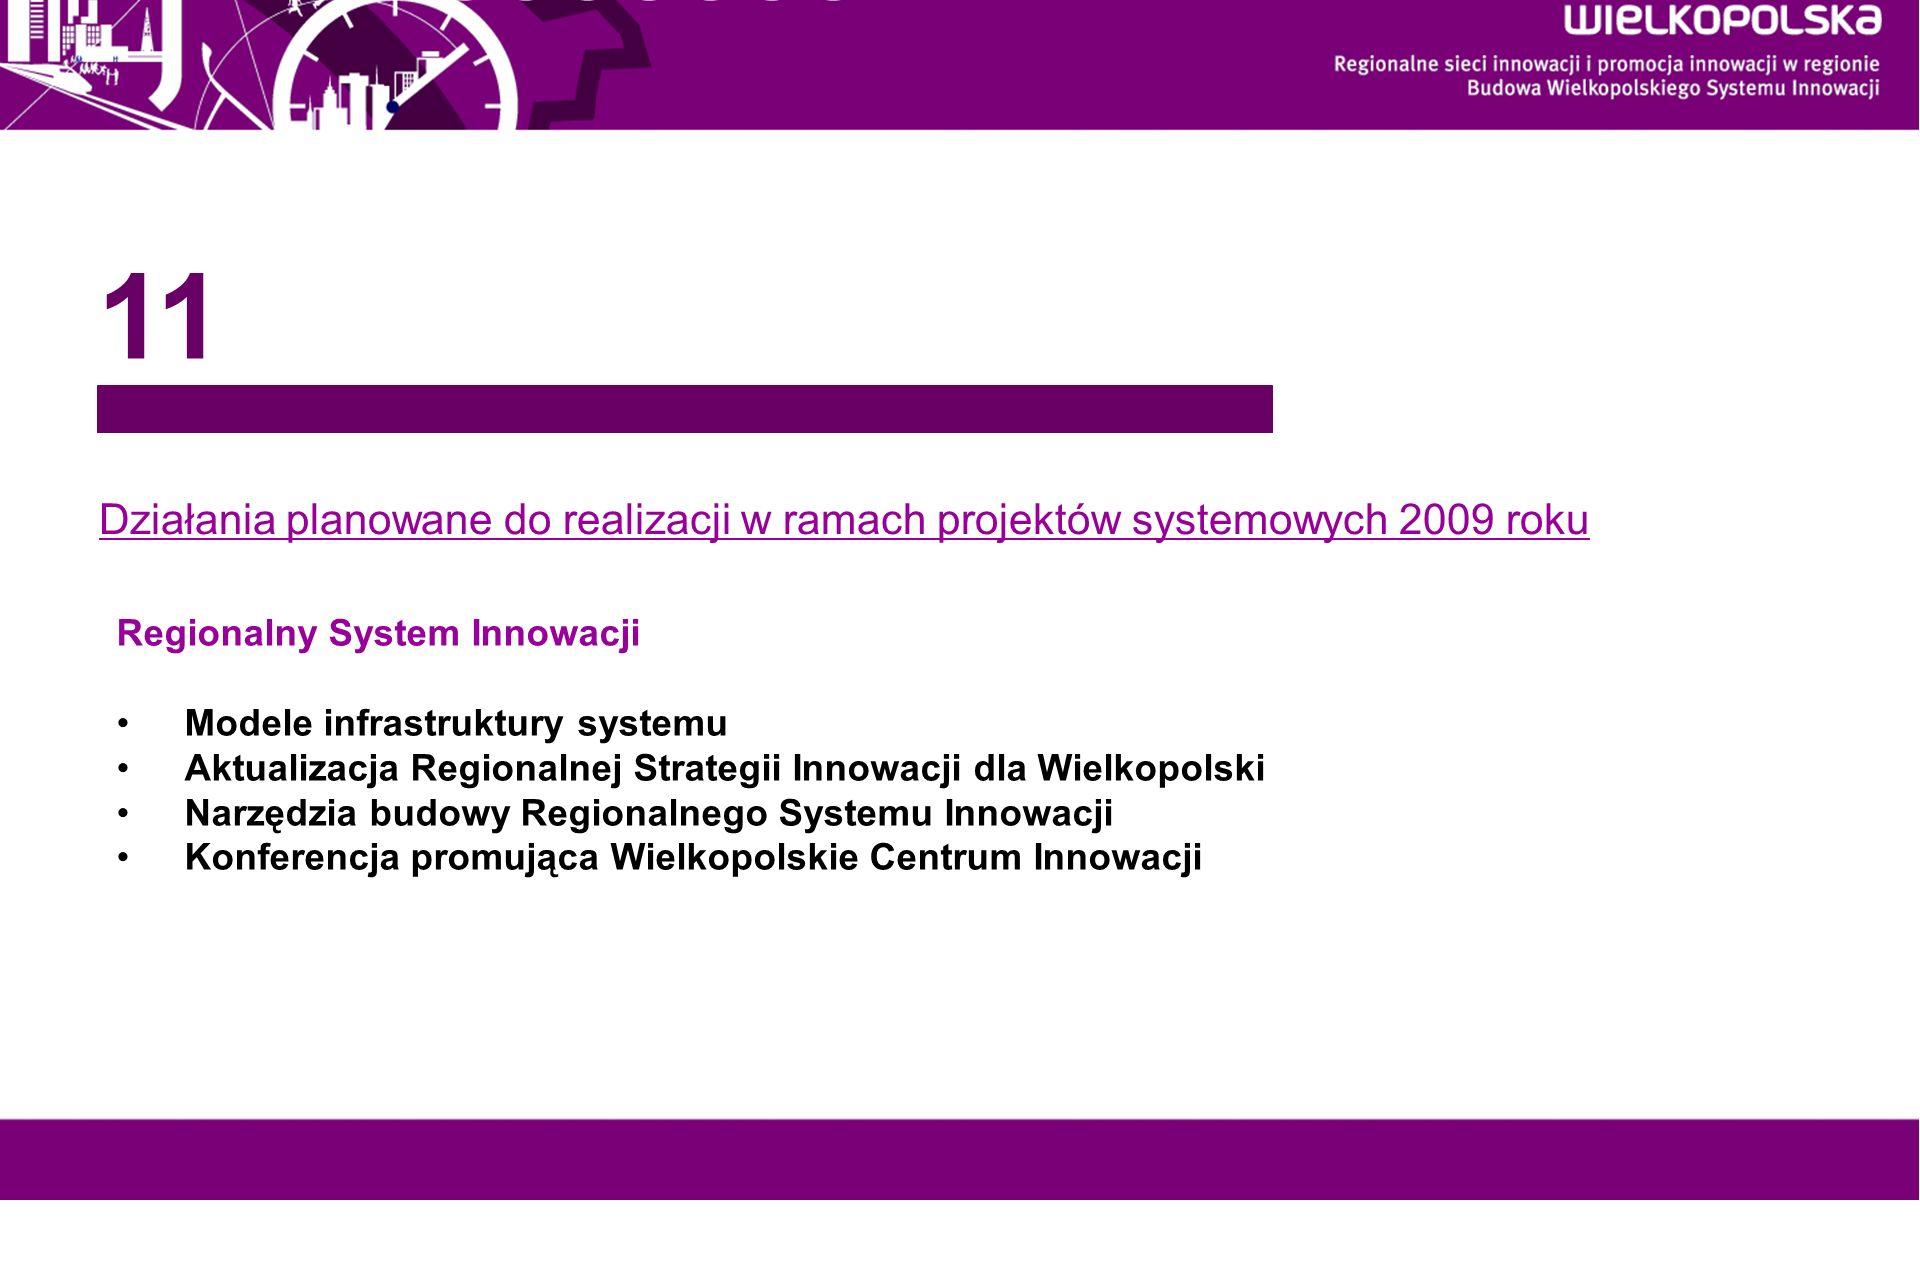 11 Działania planowane do realizacji w ramach projektów systemowych 2009 roku. Regionalny System Innowacji.